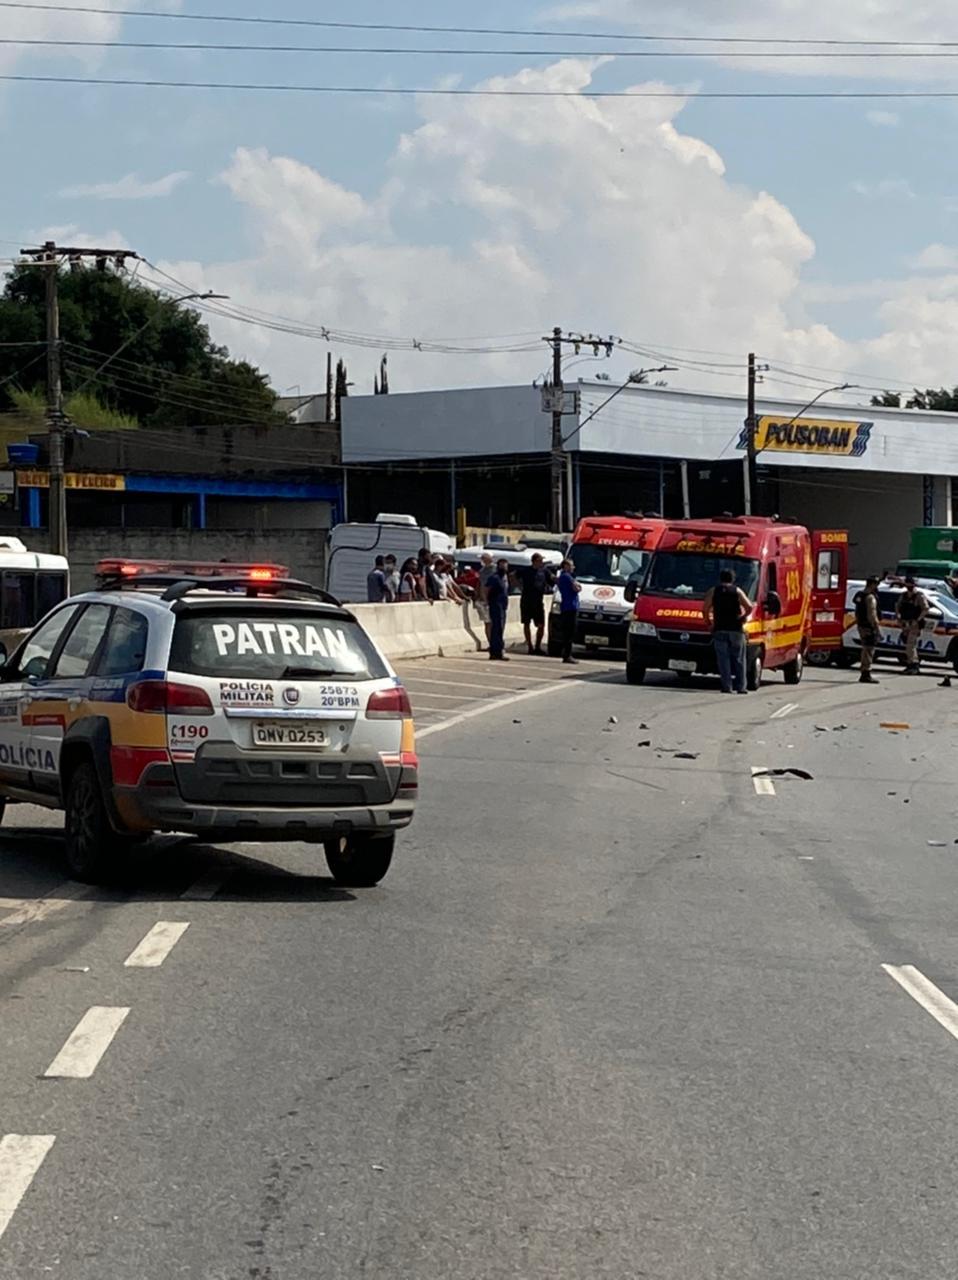 Motociclista entra na contramão e bate de frente com caminhonete na BR 459 em Pouso Alegre - Foto: Divulgação/Corpo de Bombeiros